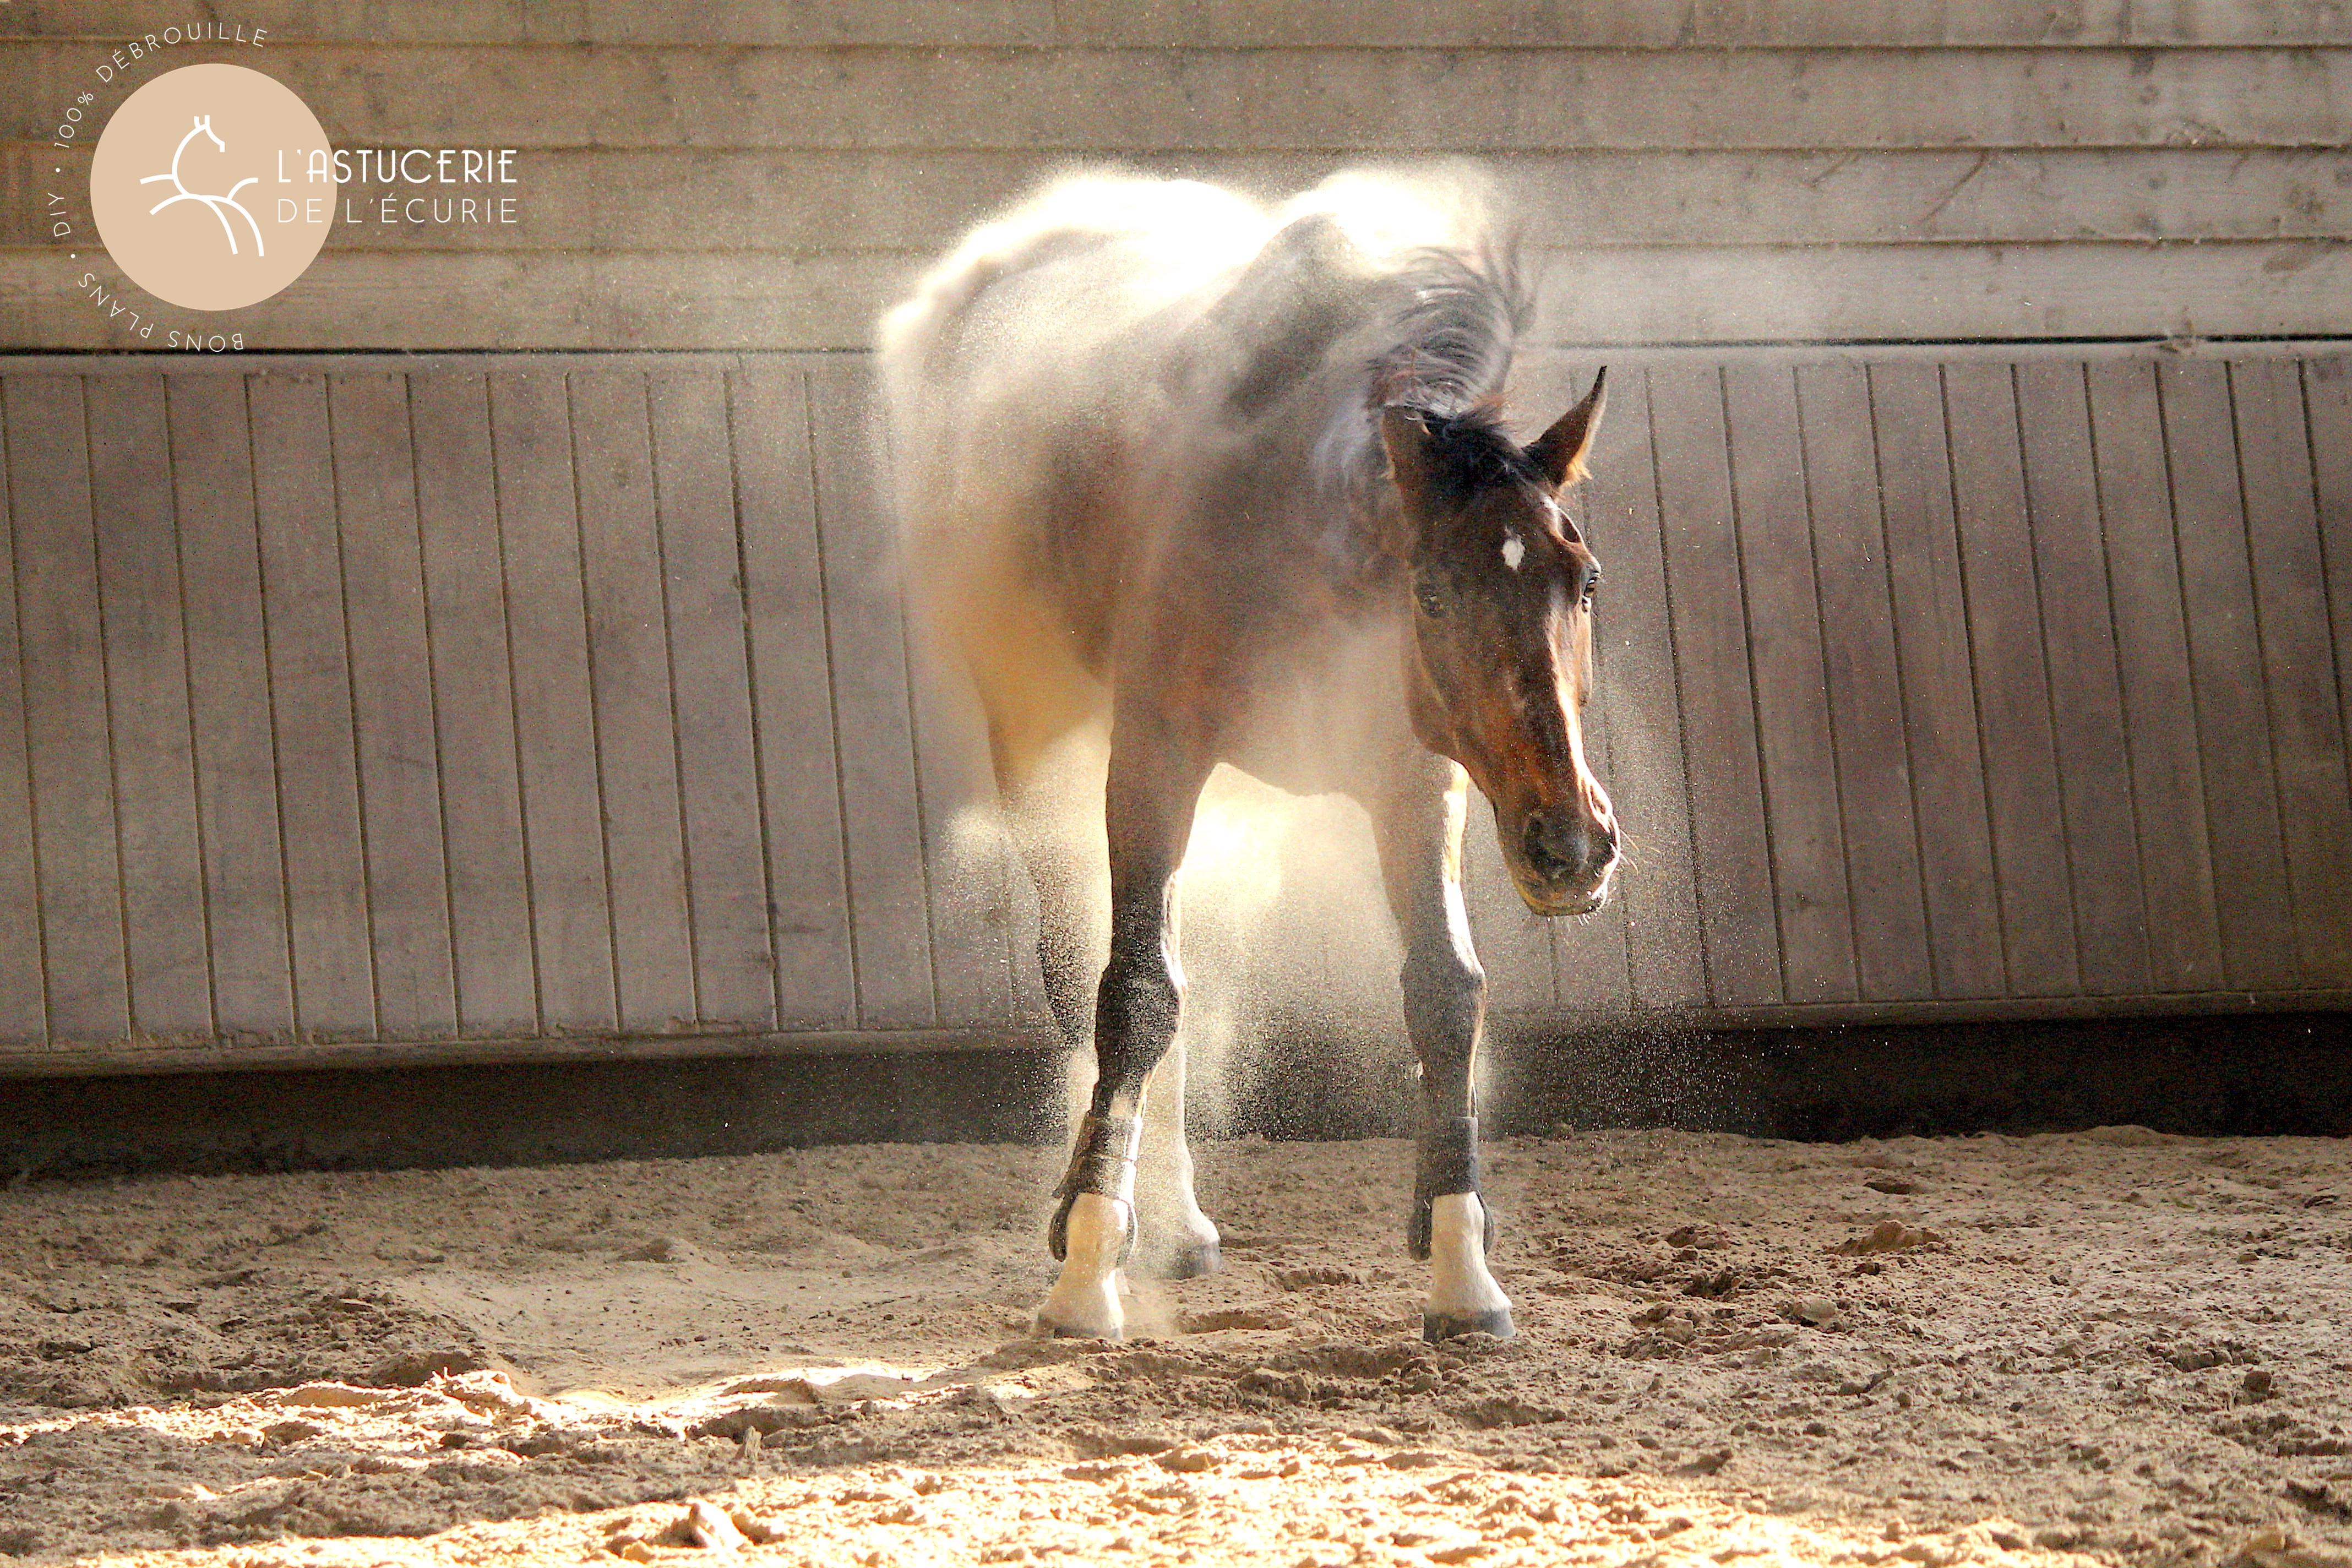 cheval plein de poussière qui se secoue